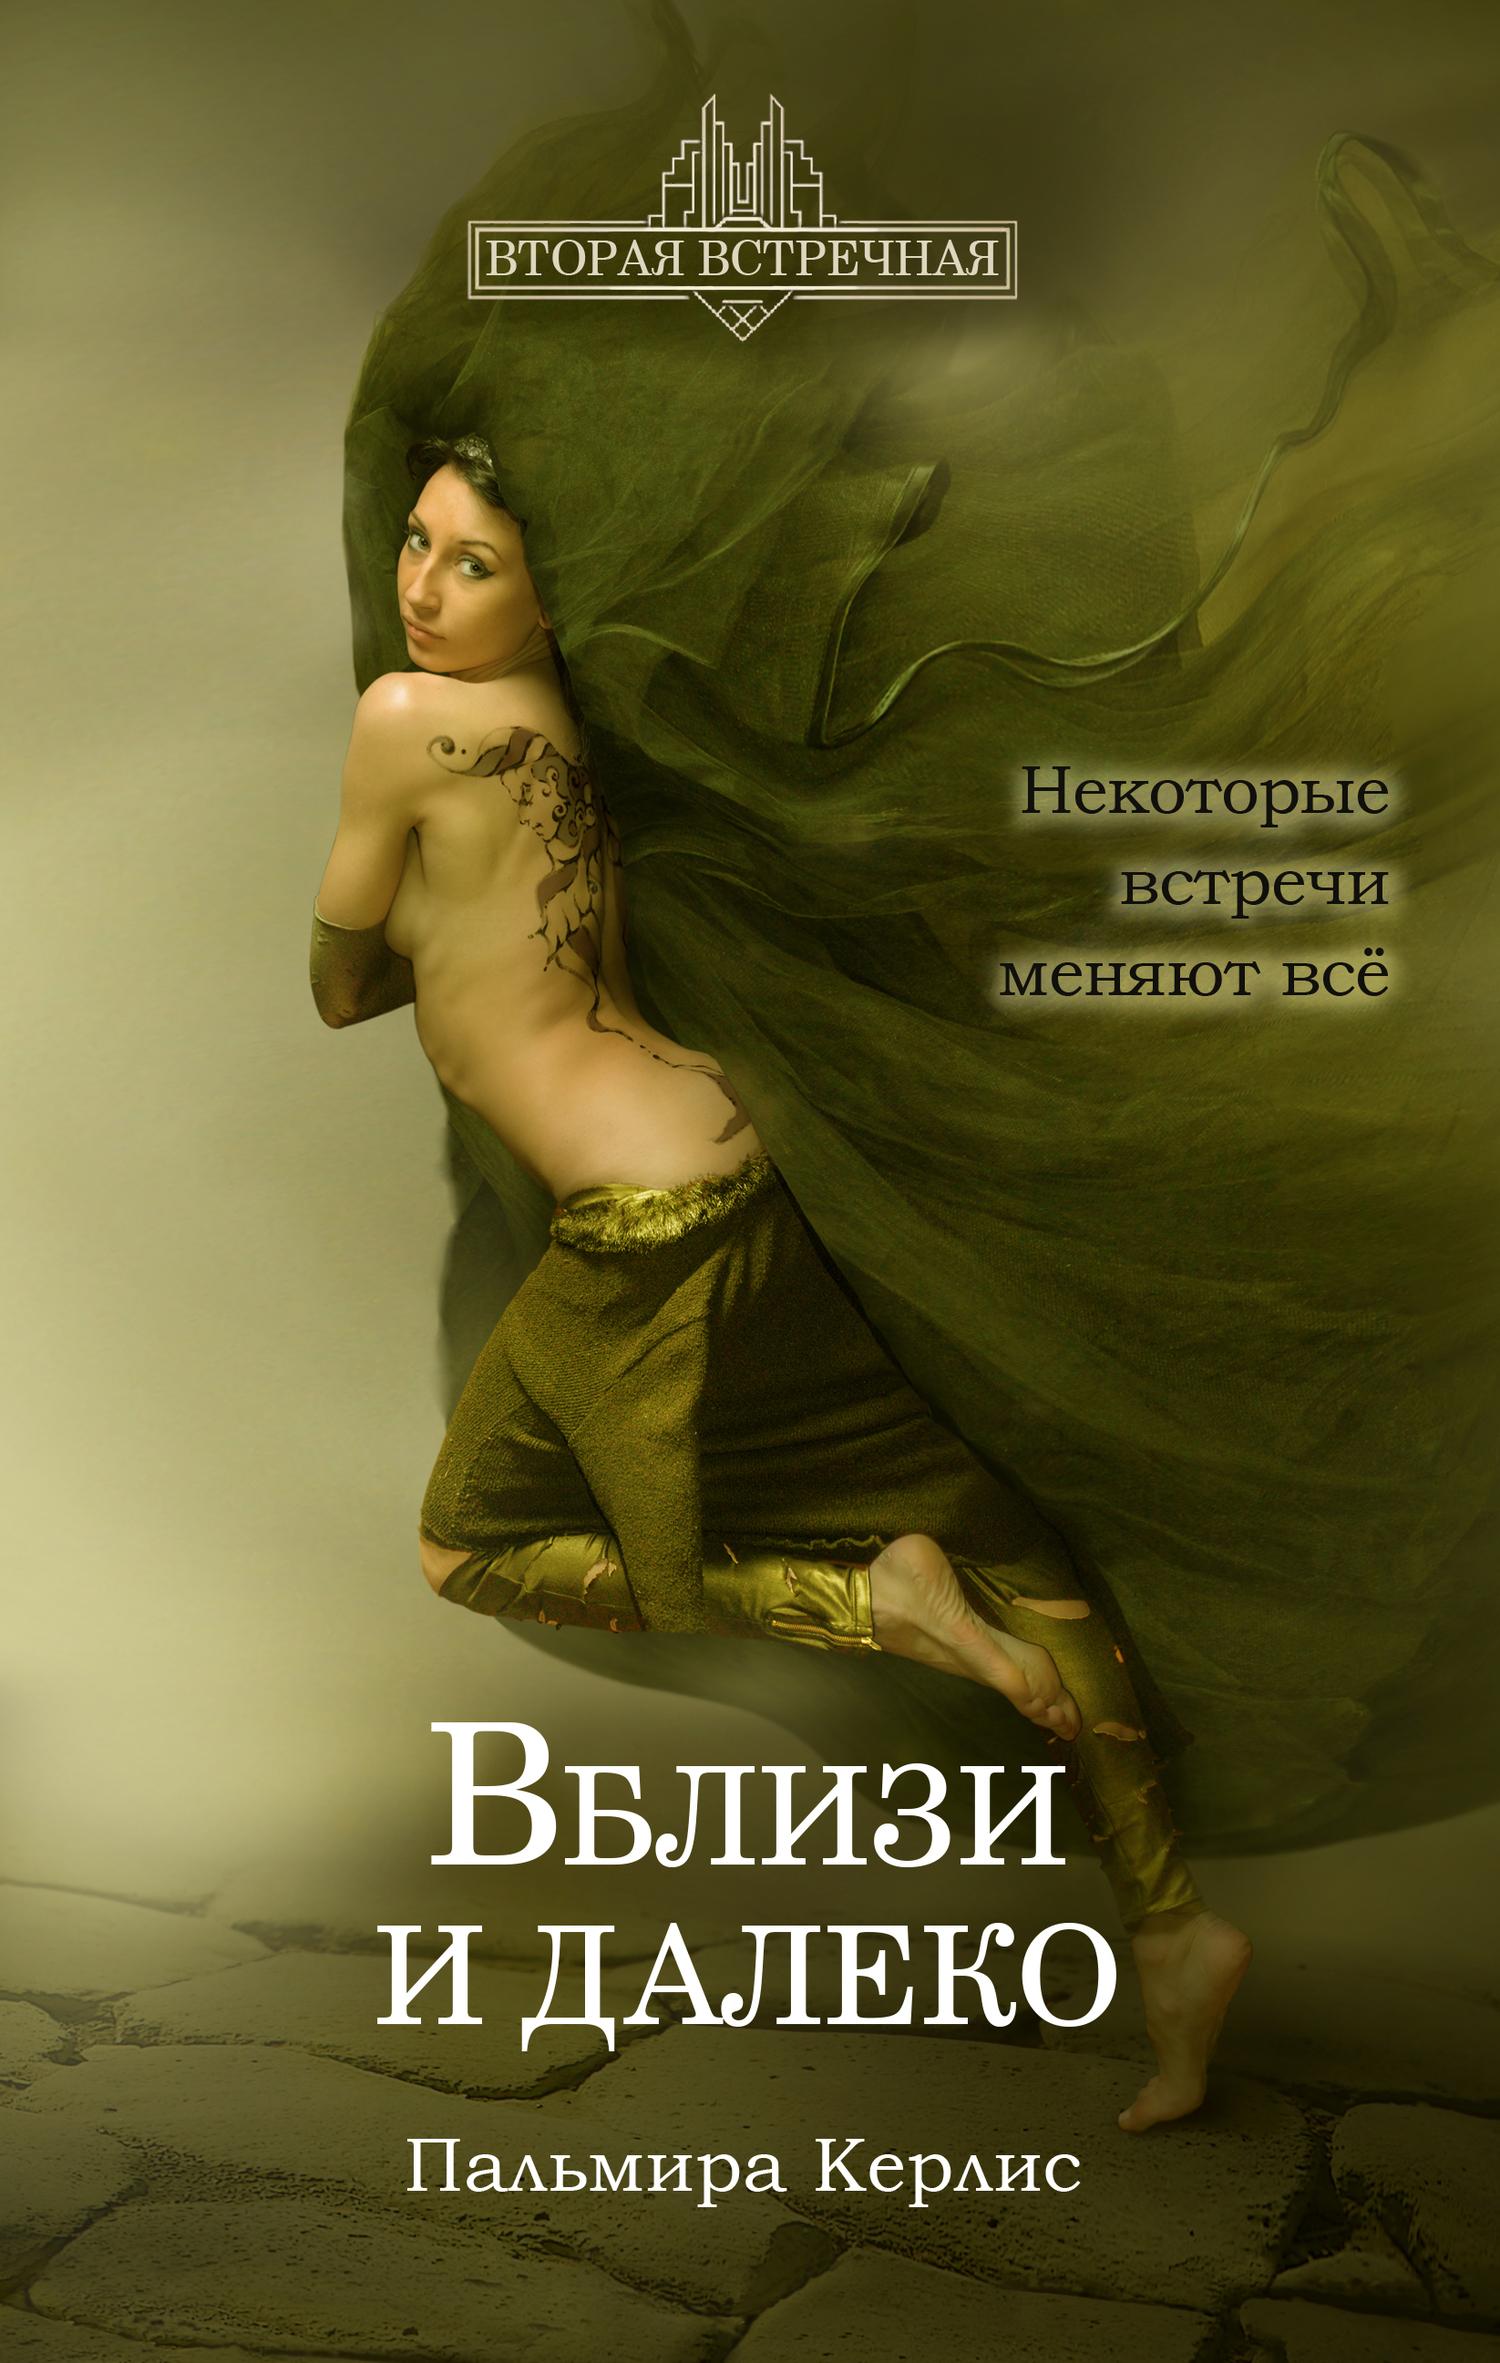 http://fantasy-worlds.org/img/full/289/28904.jpg